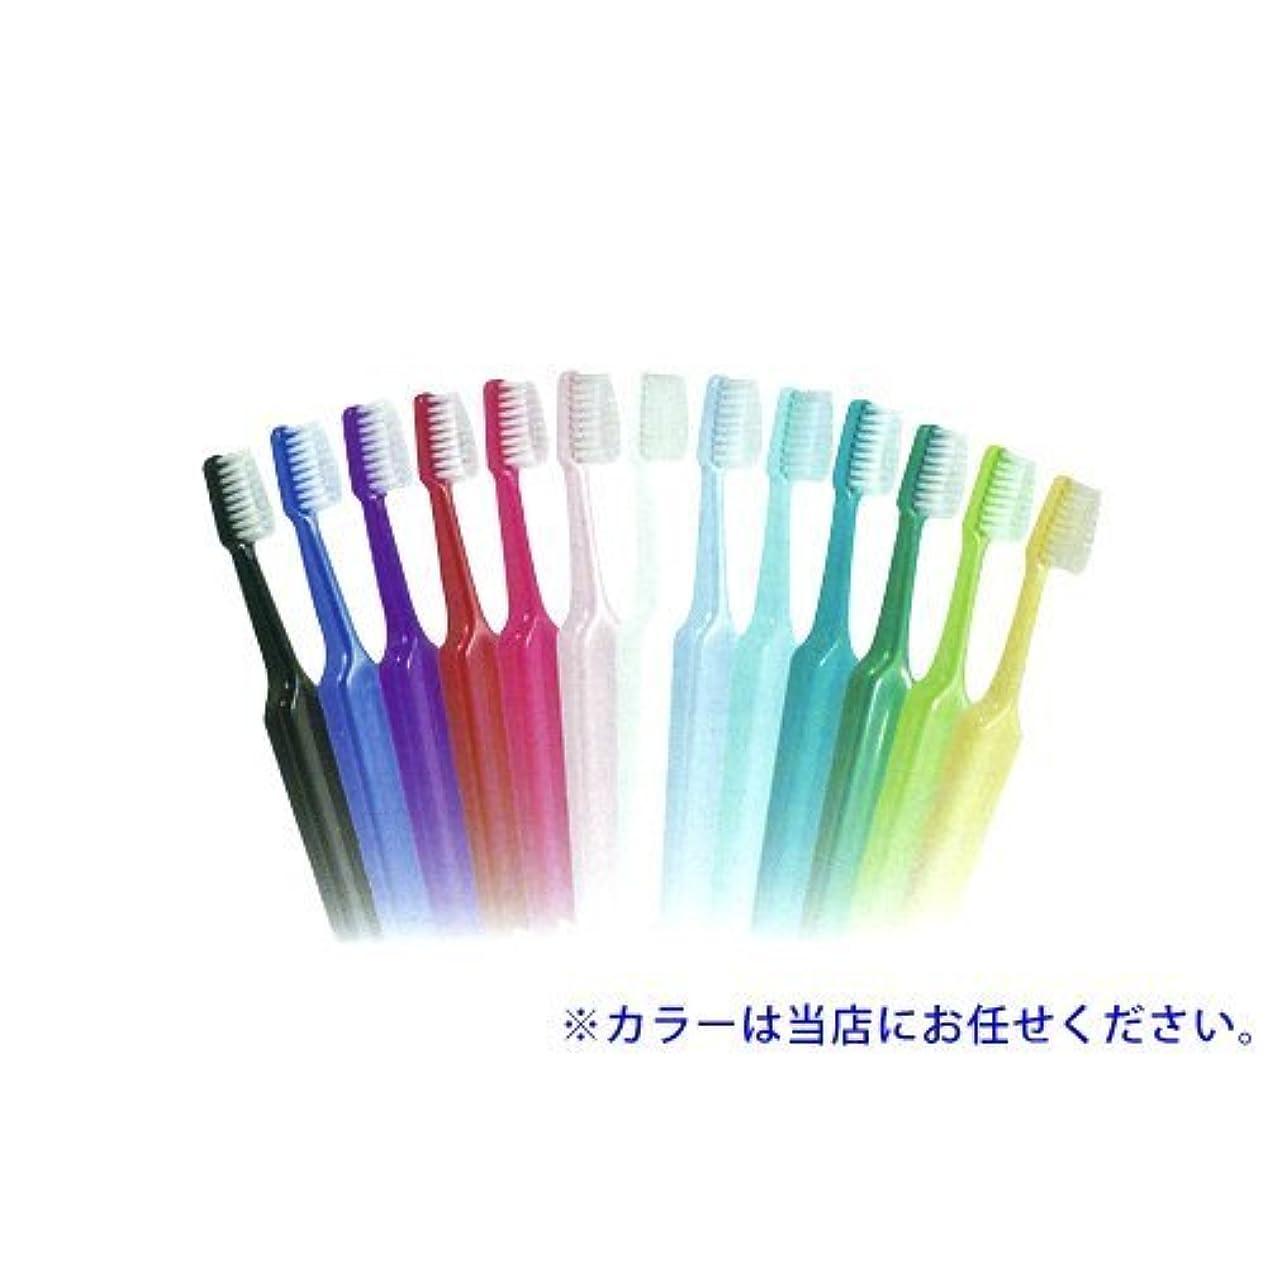 リングバック影のある再編成するTepe歯ブラシ セレクトミニ/エクストラソフト 25本/箱